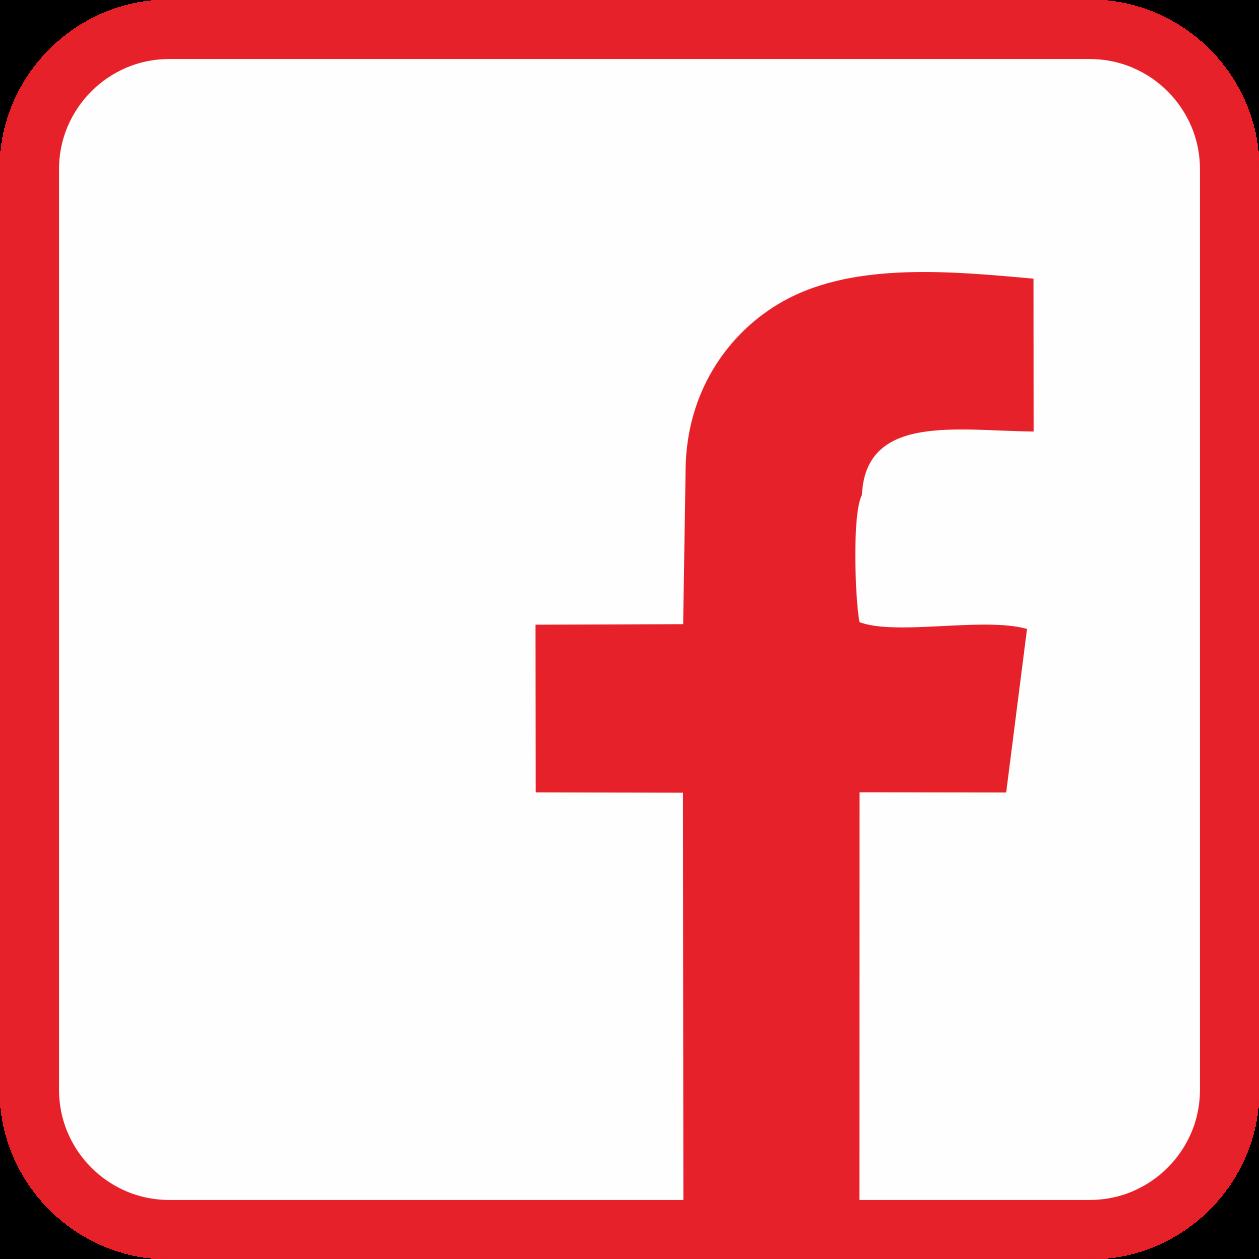 United States Social media marketing Facebook Advertising.